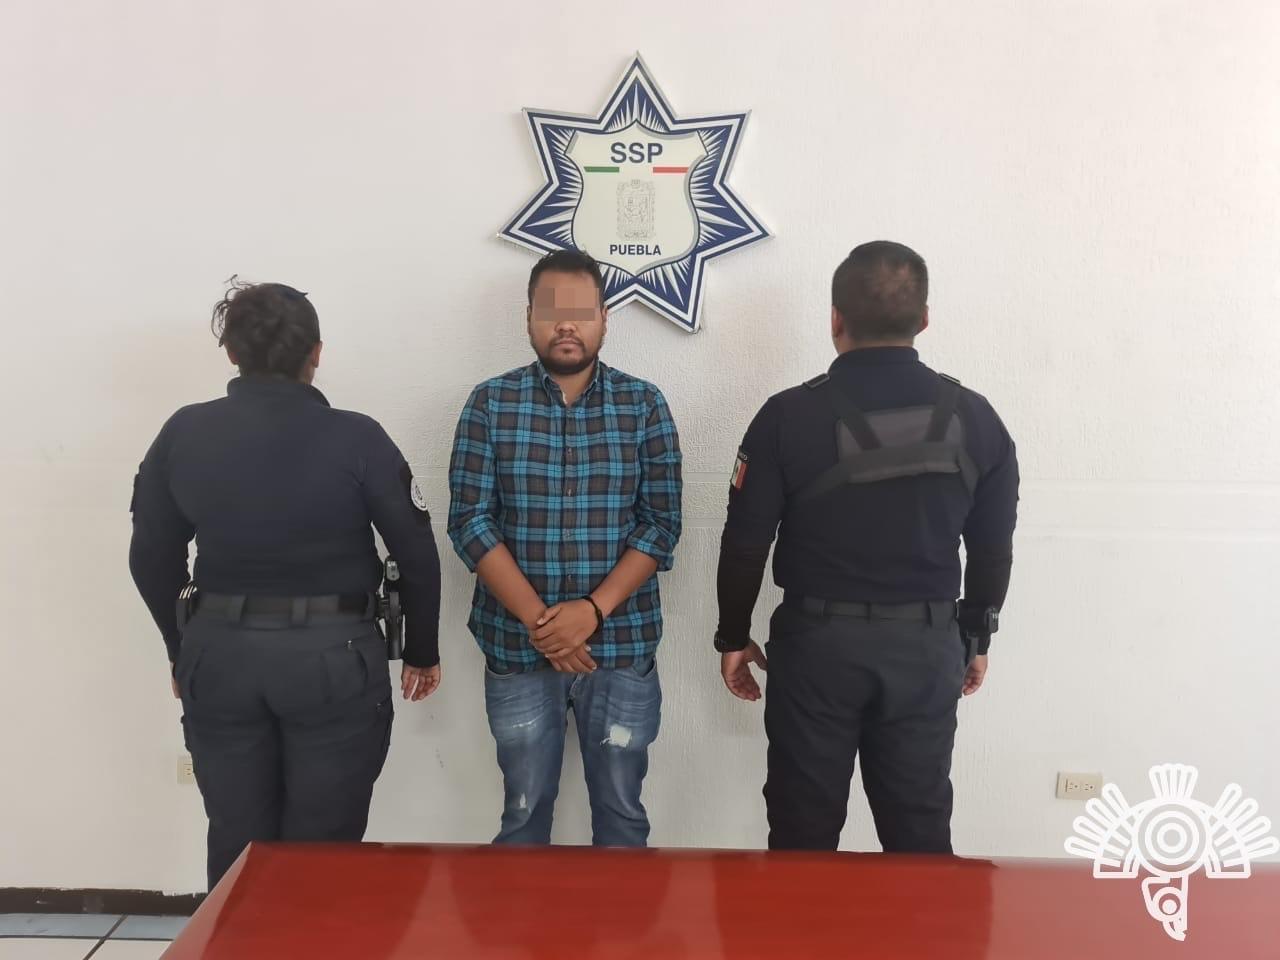 Gracias a ciberpatrullaje, Policía Estatal recupera auto robado y detiene a vendedor